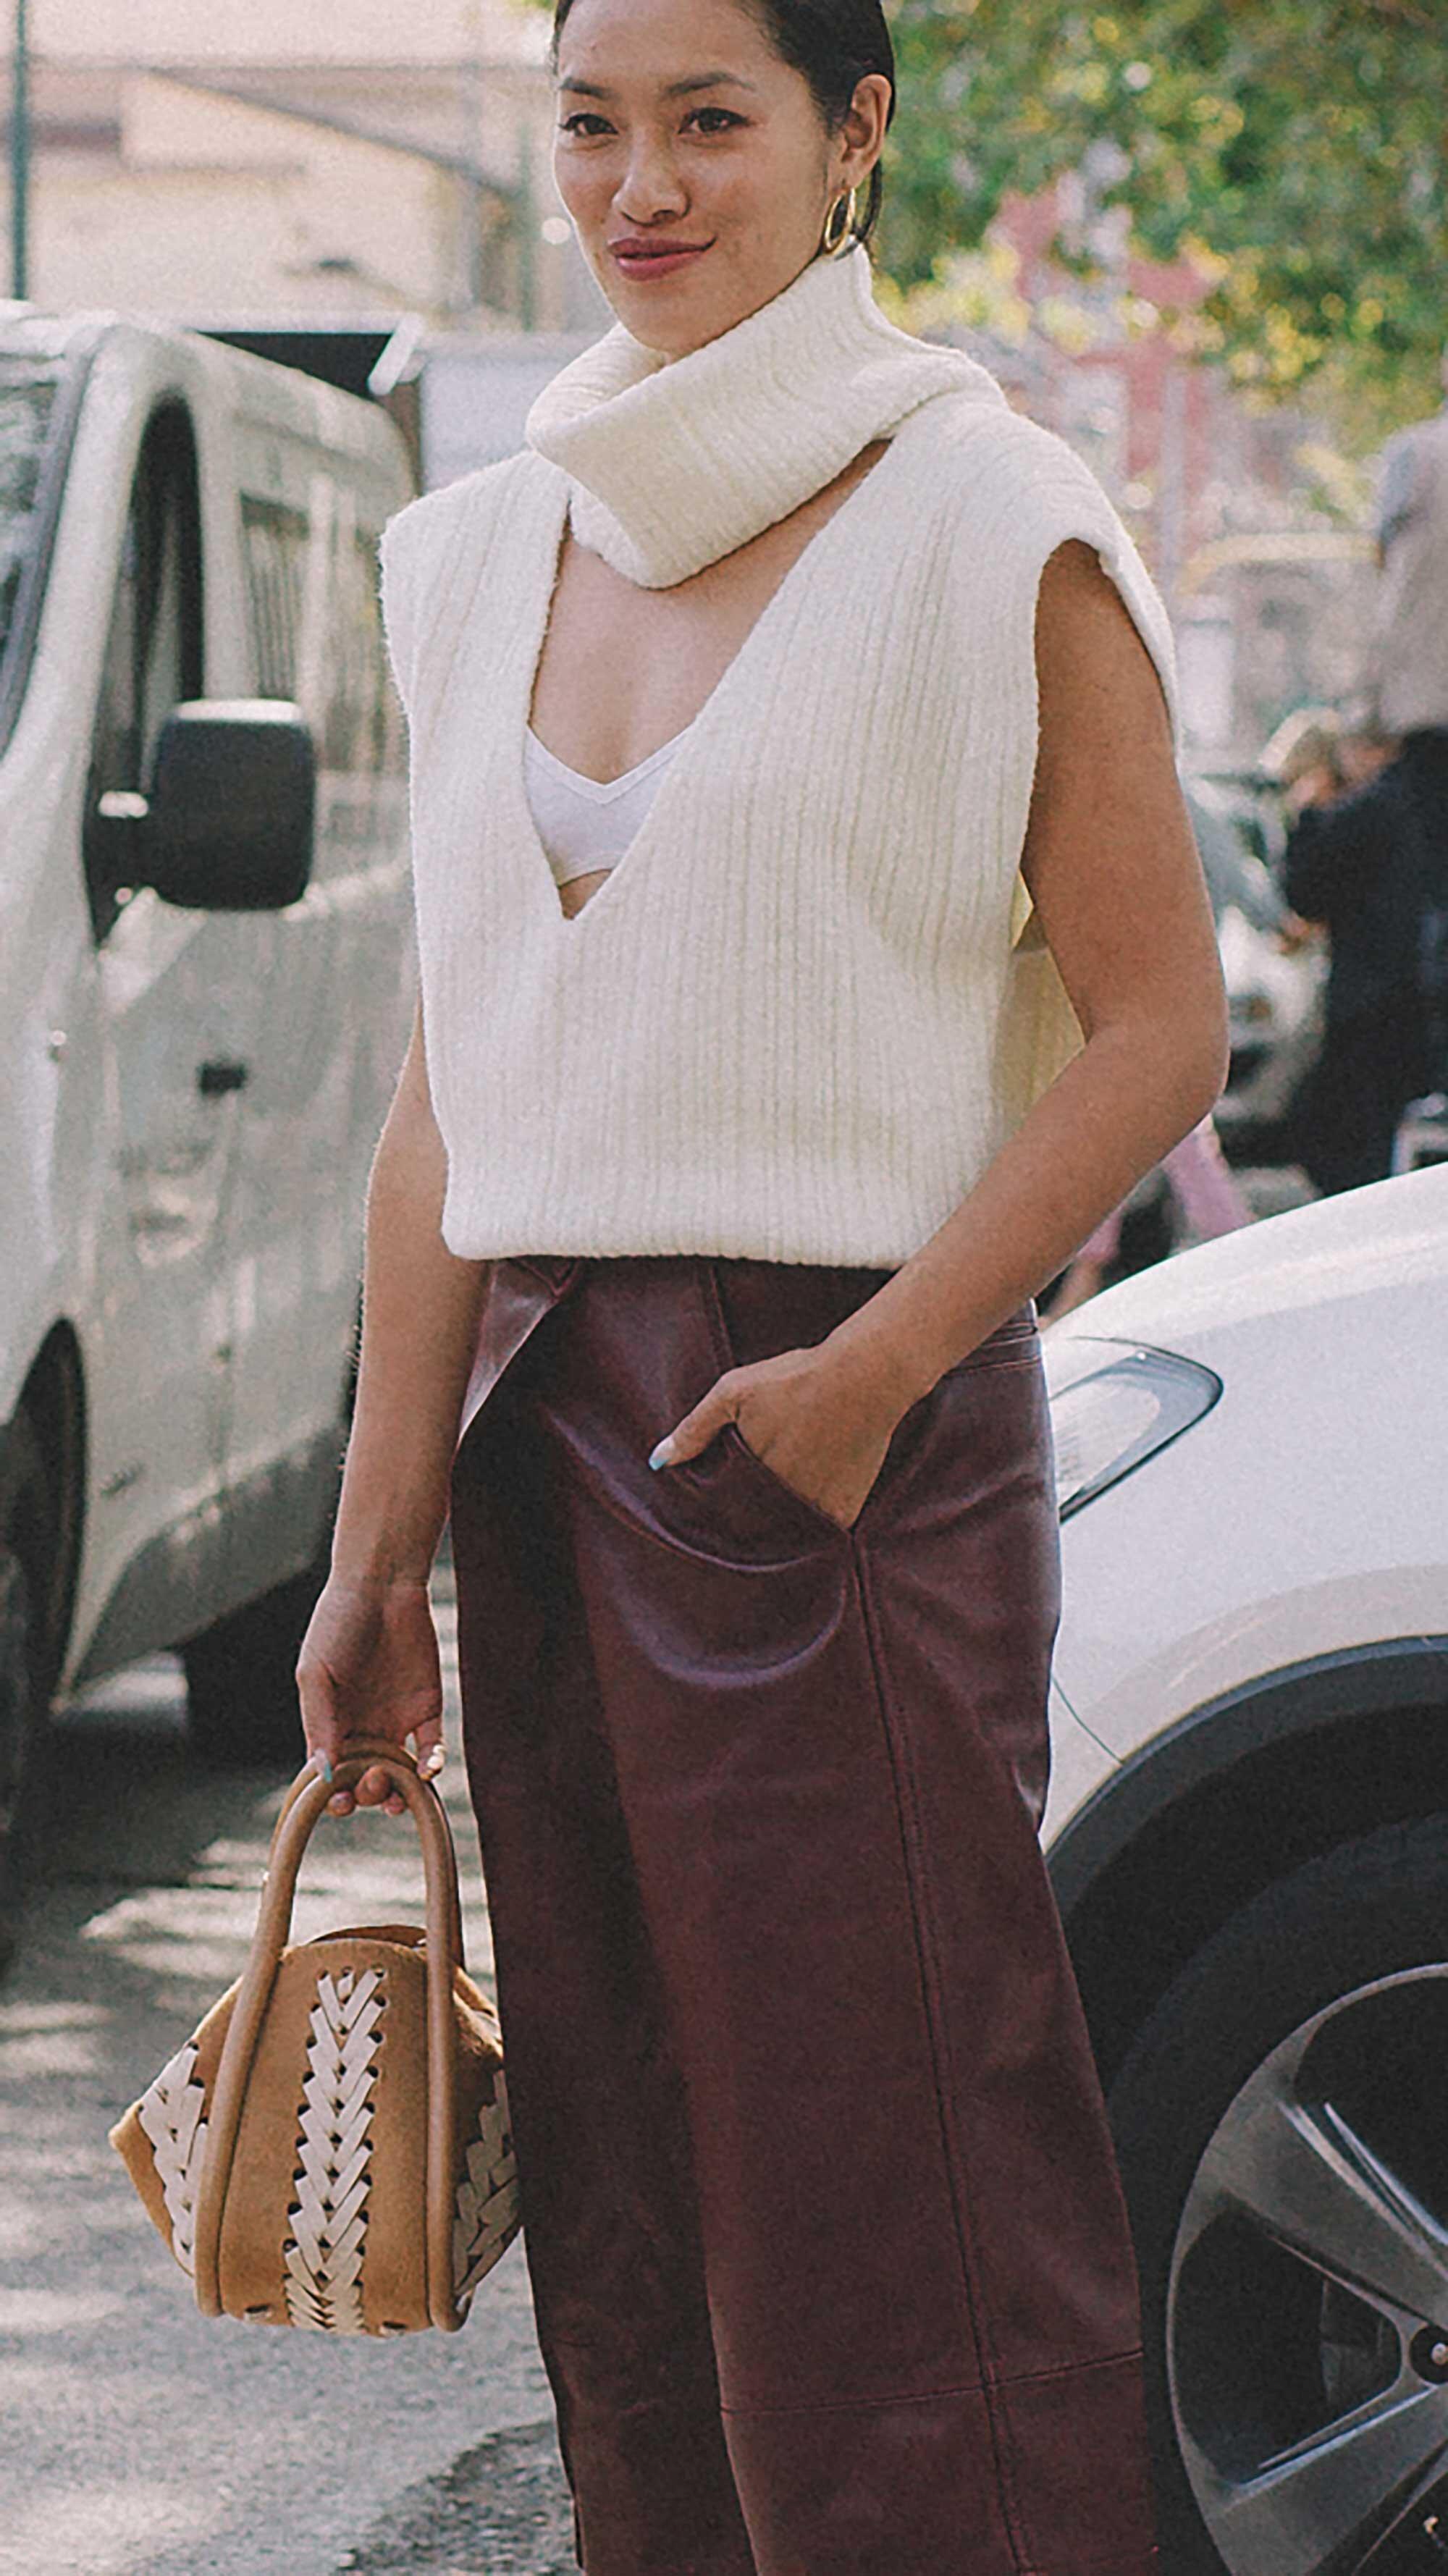 4. Jacquemus - La Maille Aube cotton-blend sweater